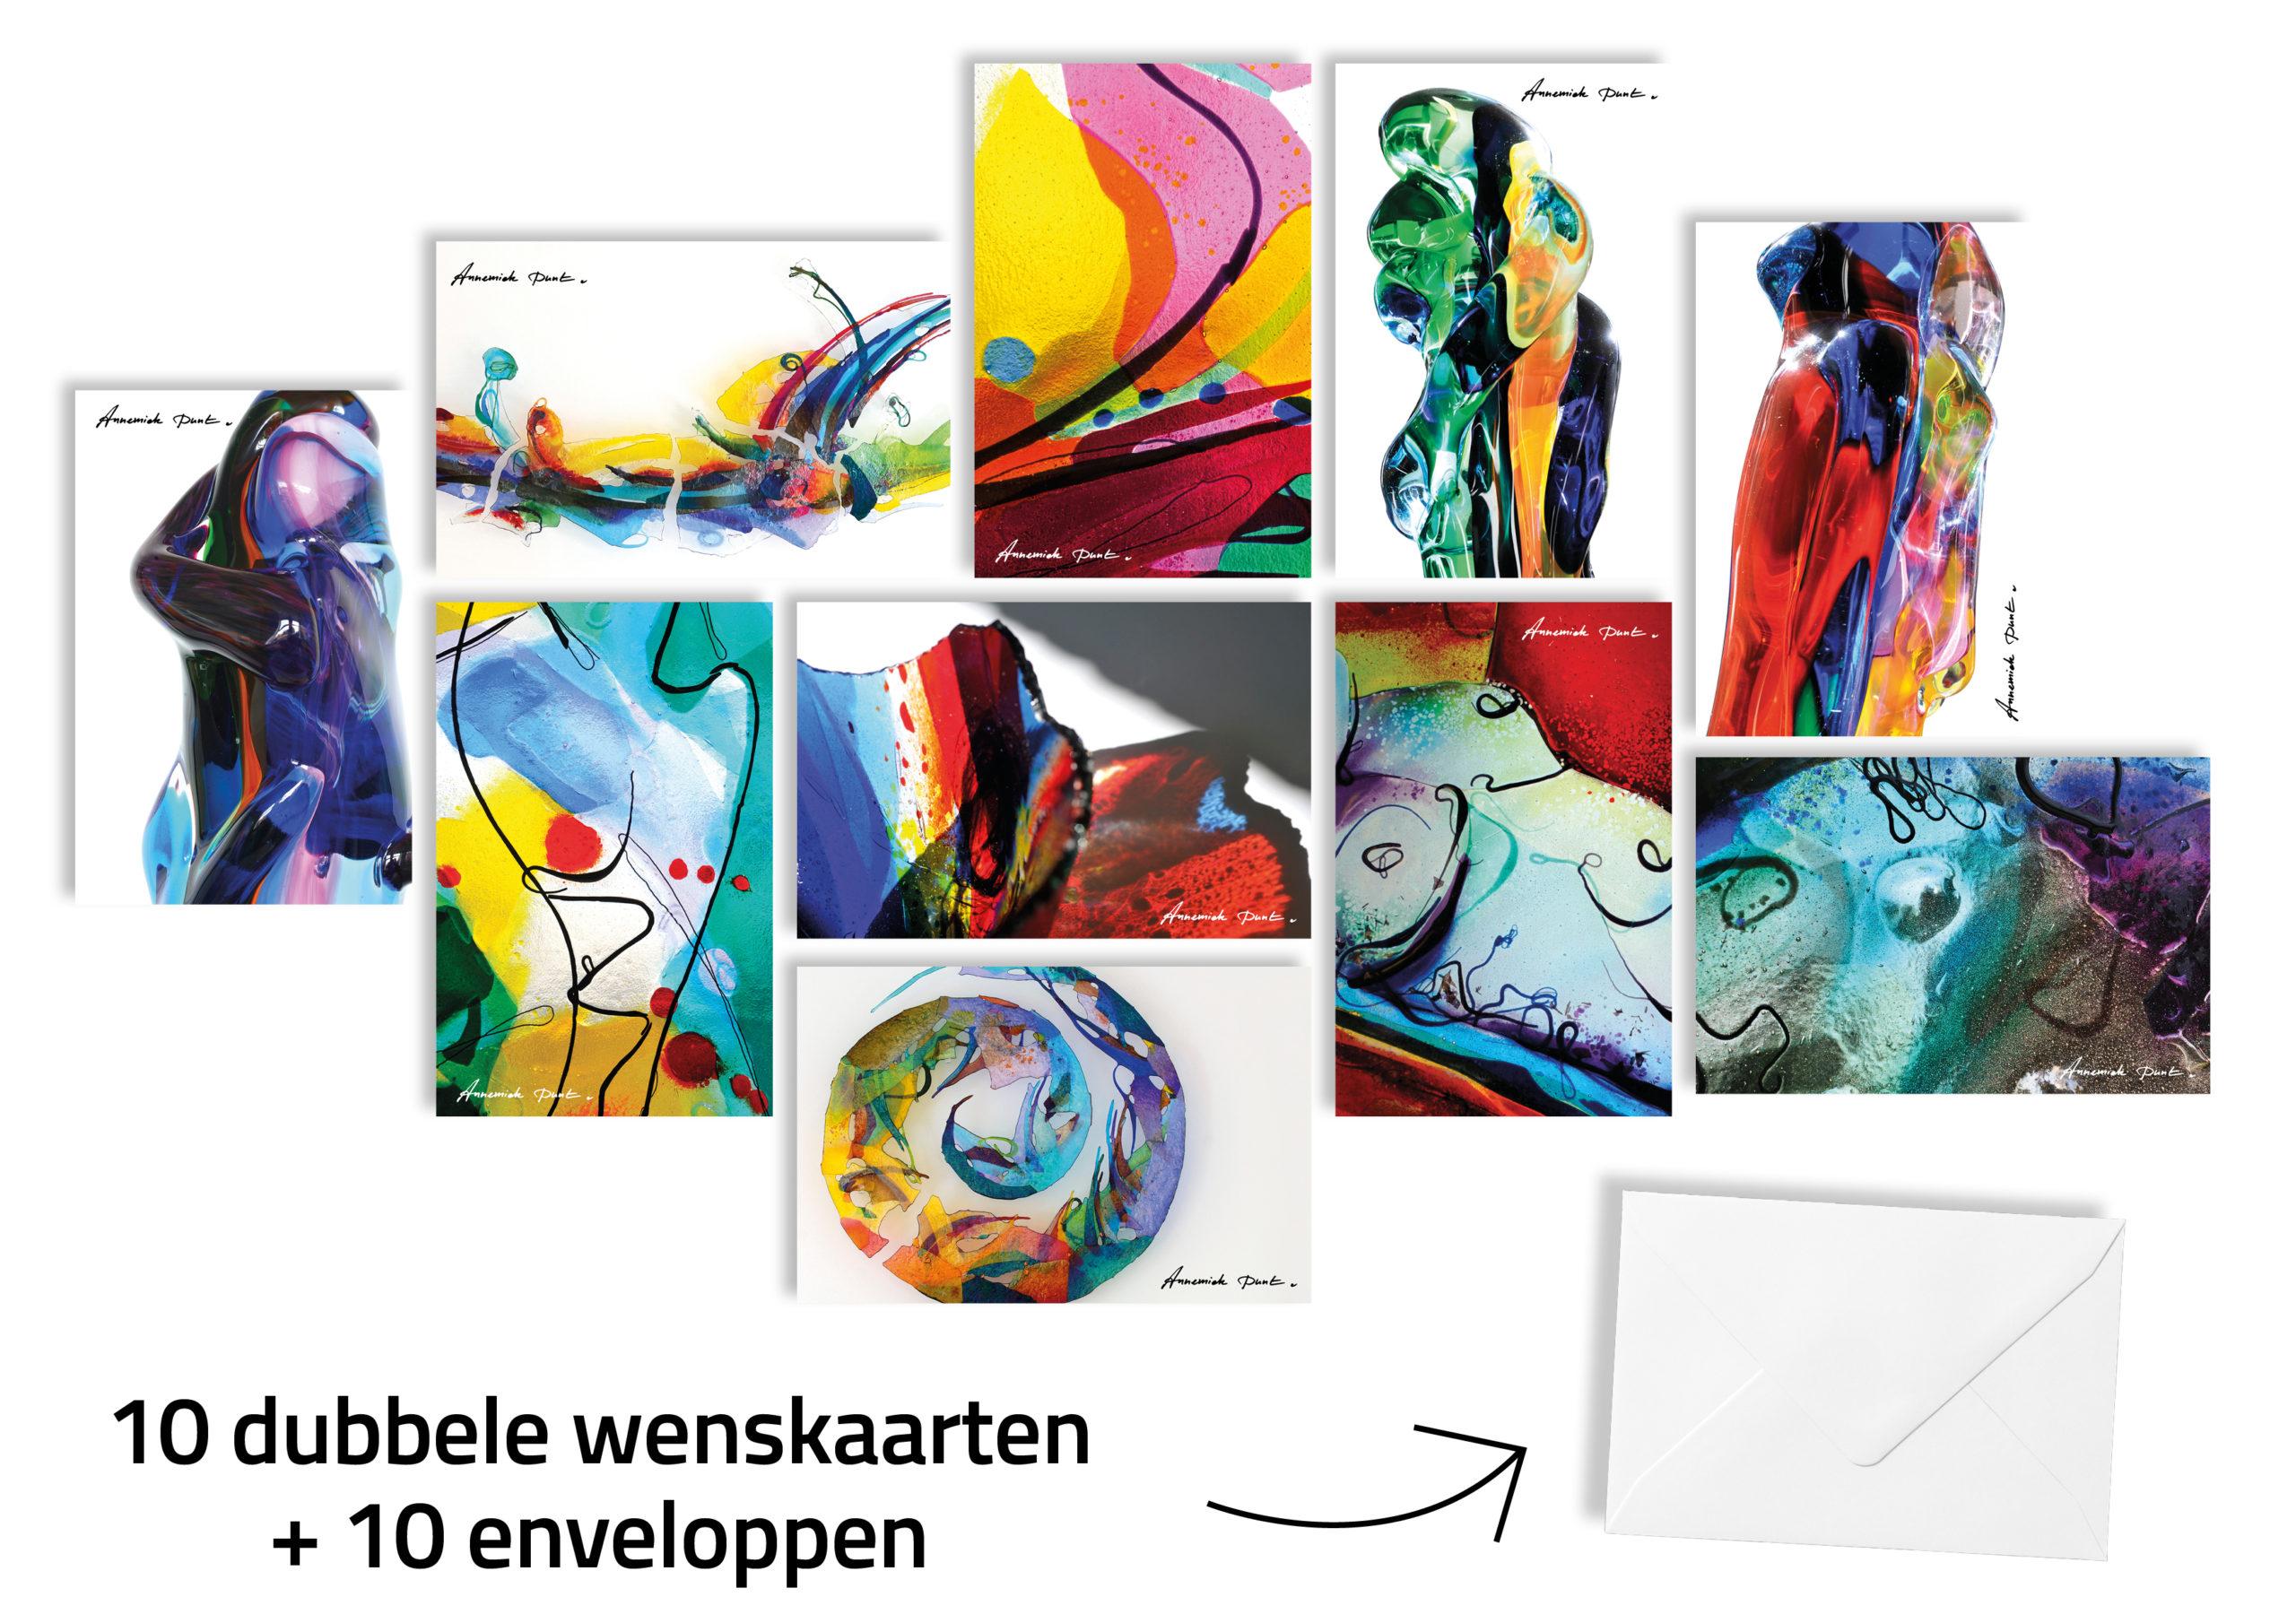 Glaskunst wenskaarten | Atelier Galerie Annemiek Punt in Ootmarsum | zie ook onze online galerie www.kunst-punt.nl